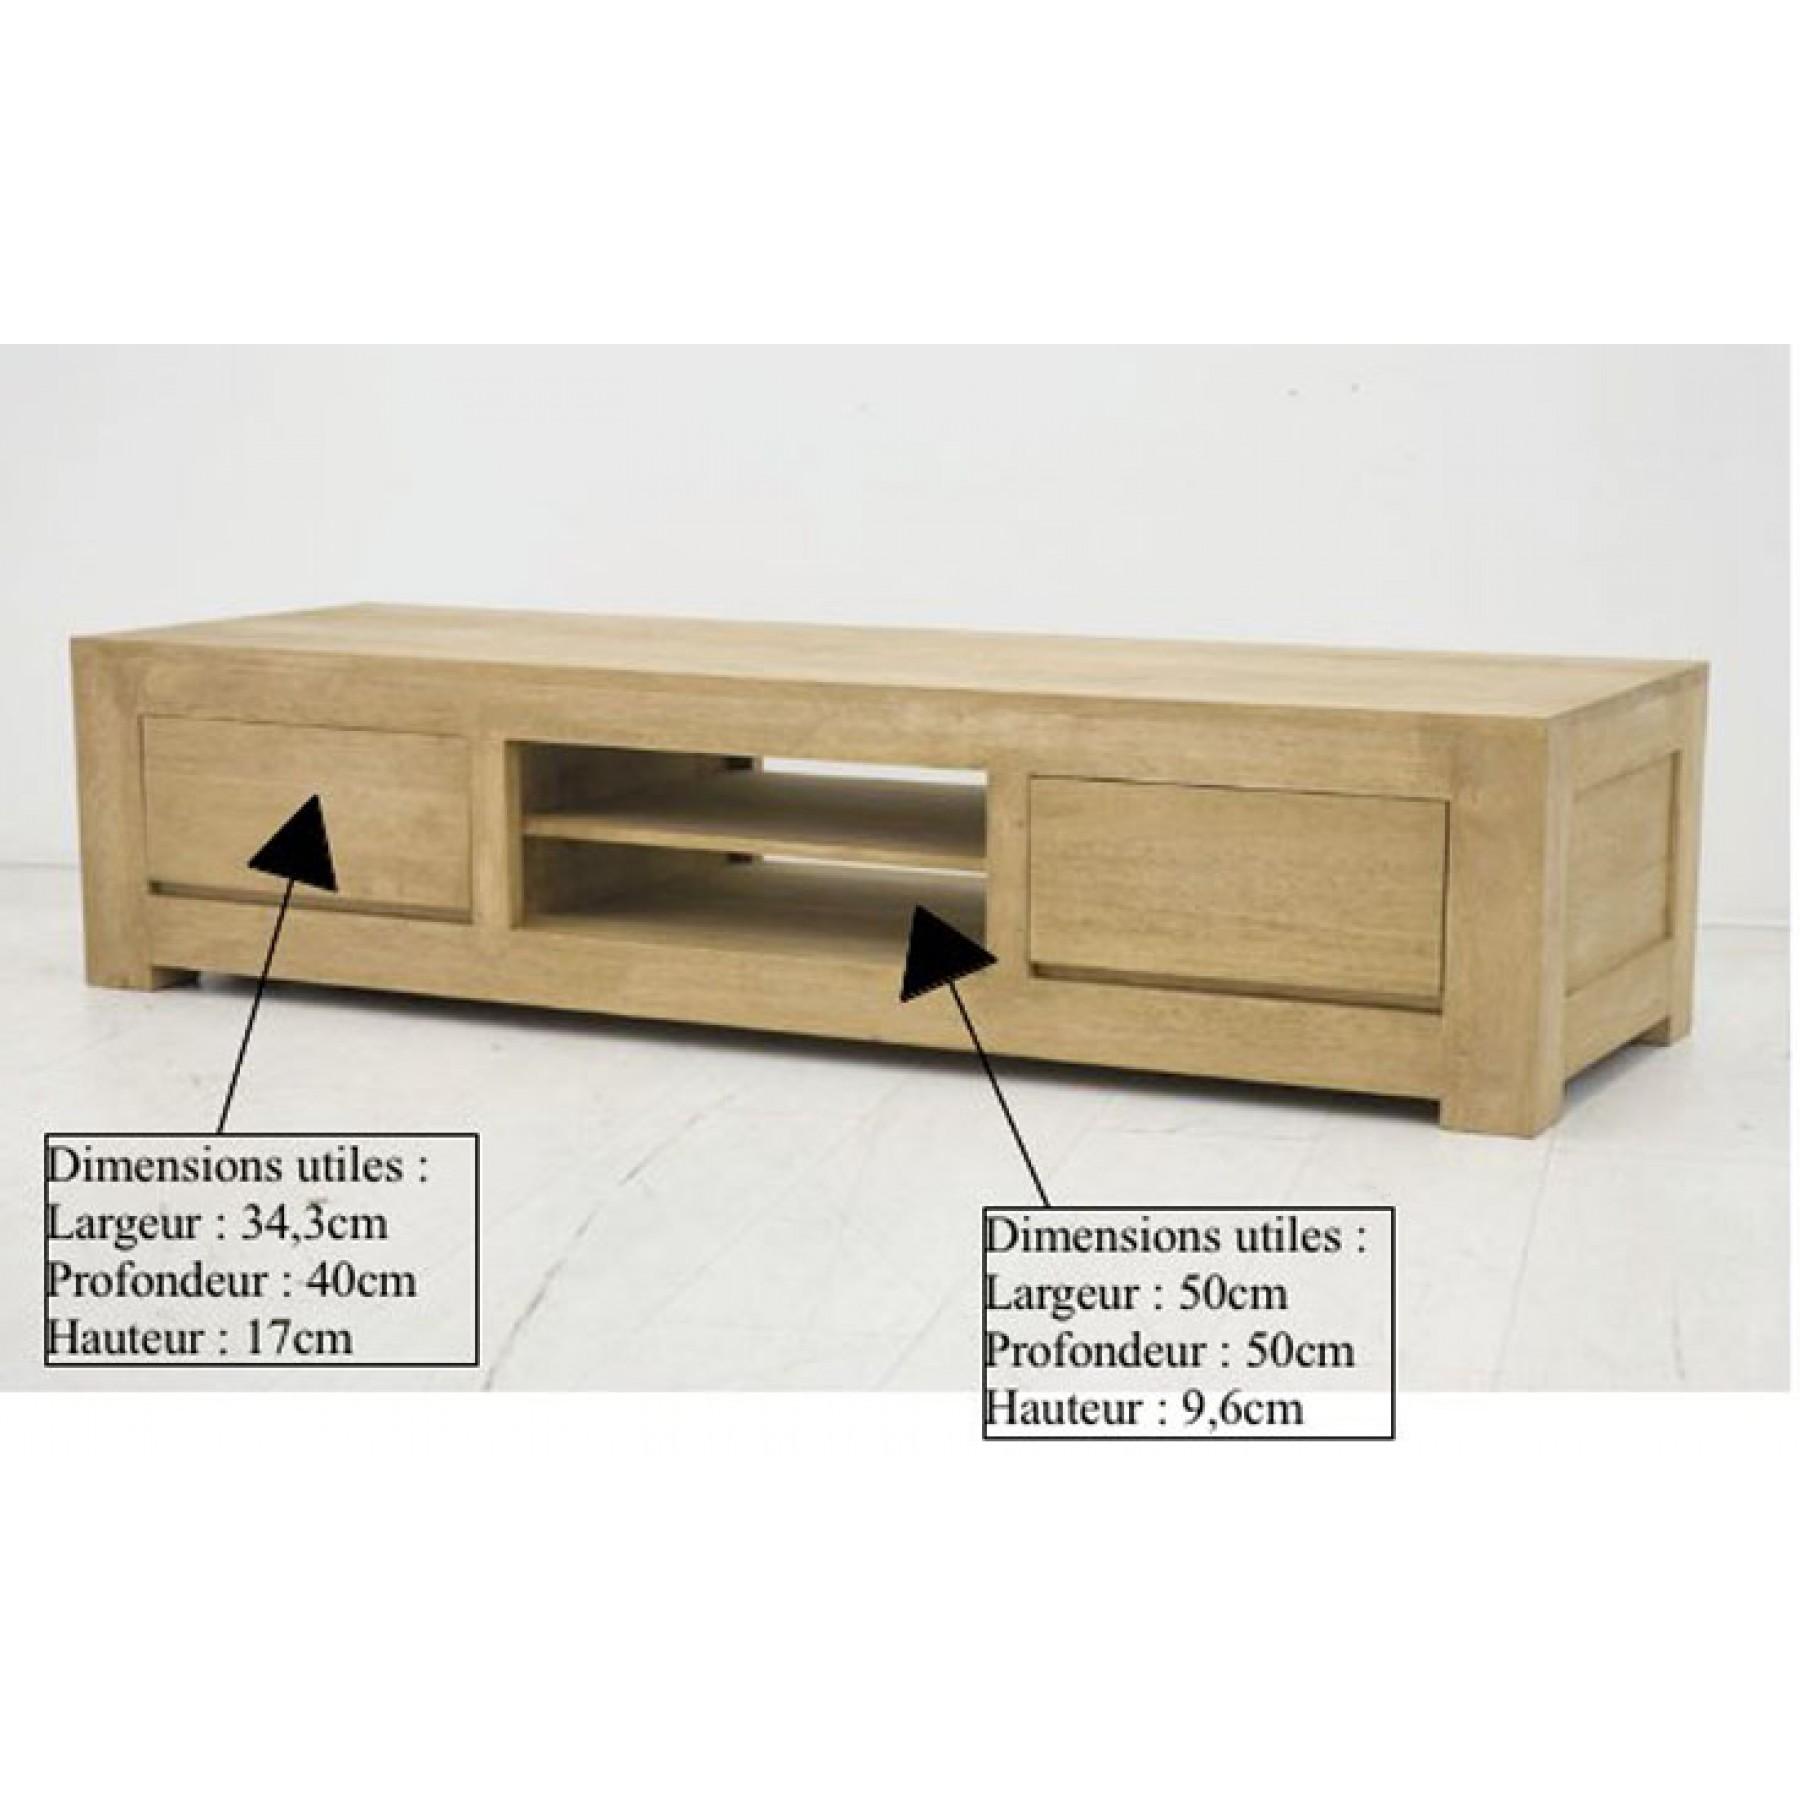 Meuble Tv Sami Par Nomadde Mobilier Design